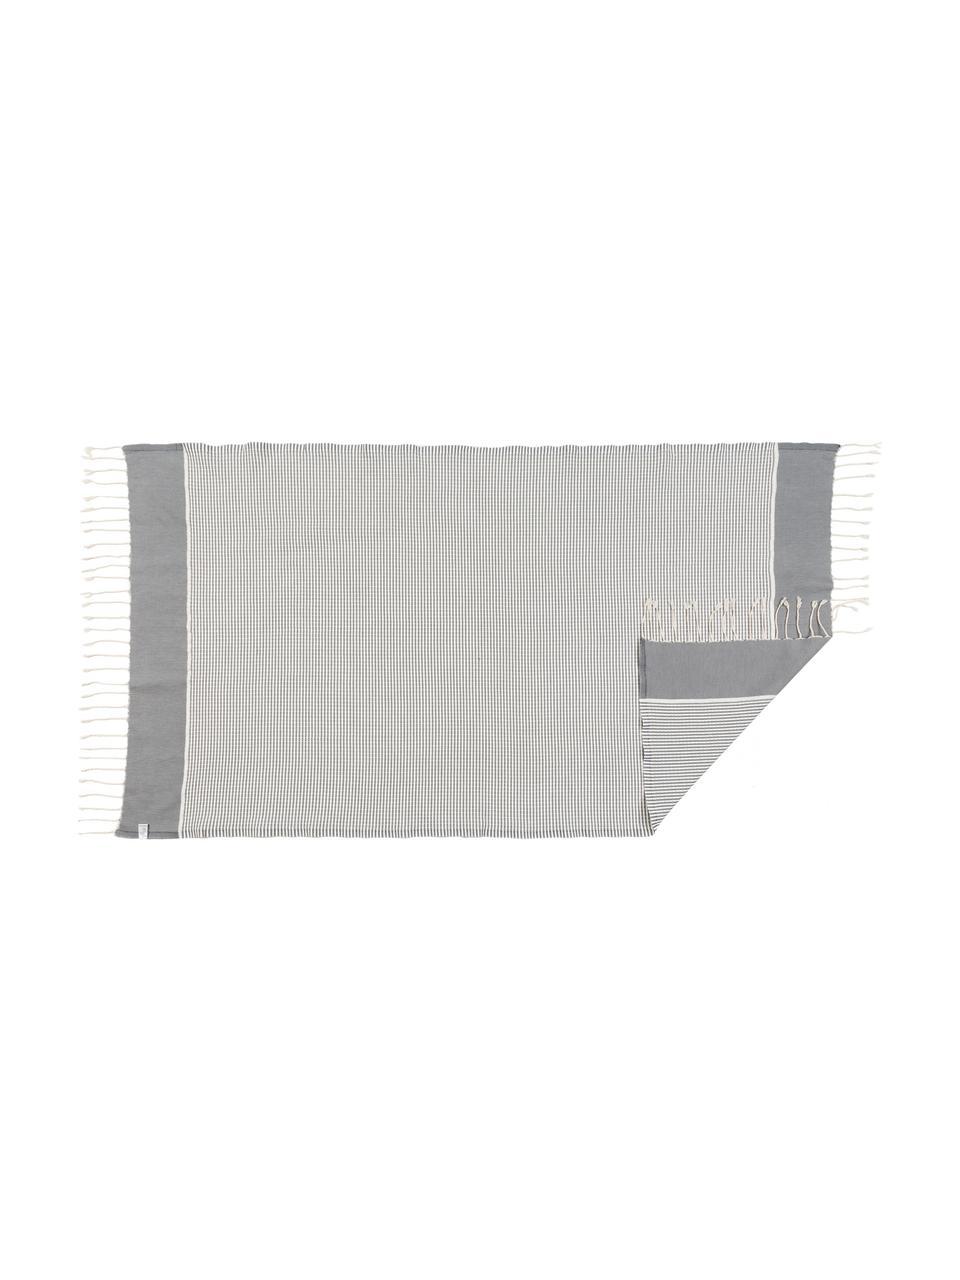 Leichtes Handtuch-Set Copenhague mit Lurexborte, 3-tlg., Grau, Silberfarben, Weiß, Sondergrößen